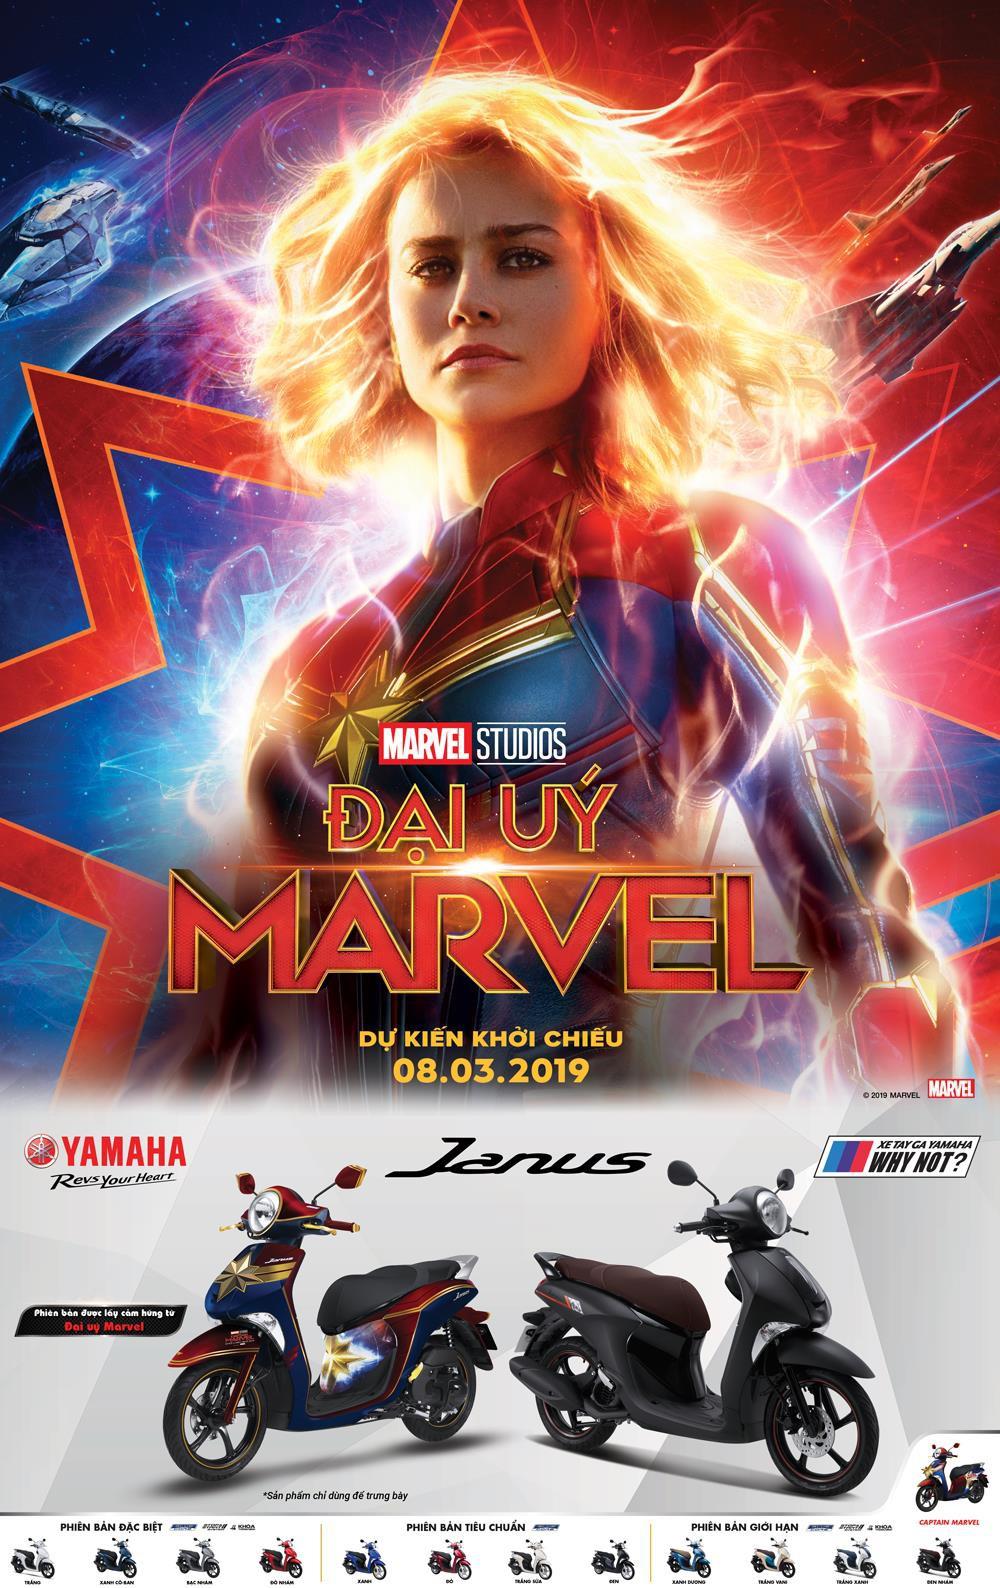 Fan Việt sôi sục khi Đại úy Marvel hé lộ tin nóng liên quan đến ngày chiếu tại Việt Nam - Ảnh 4.